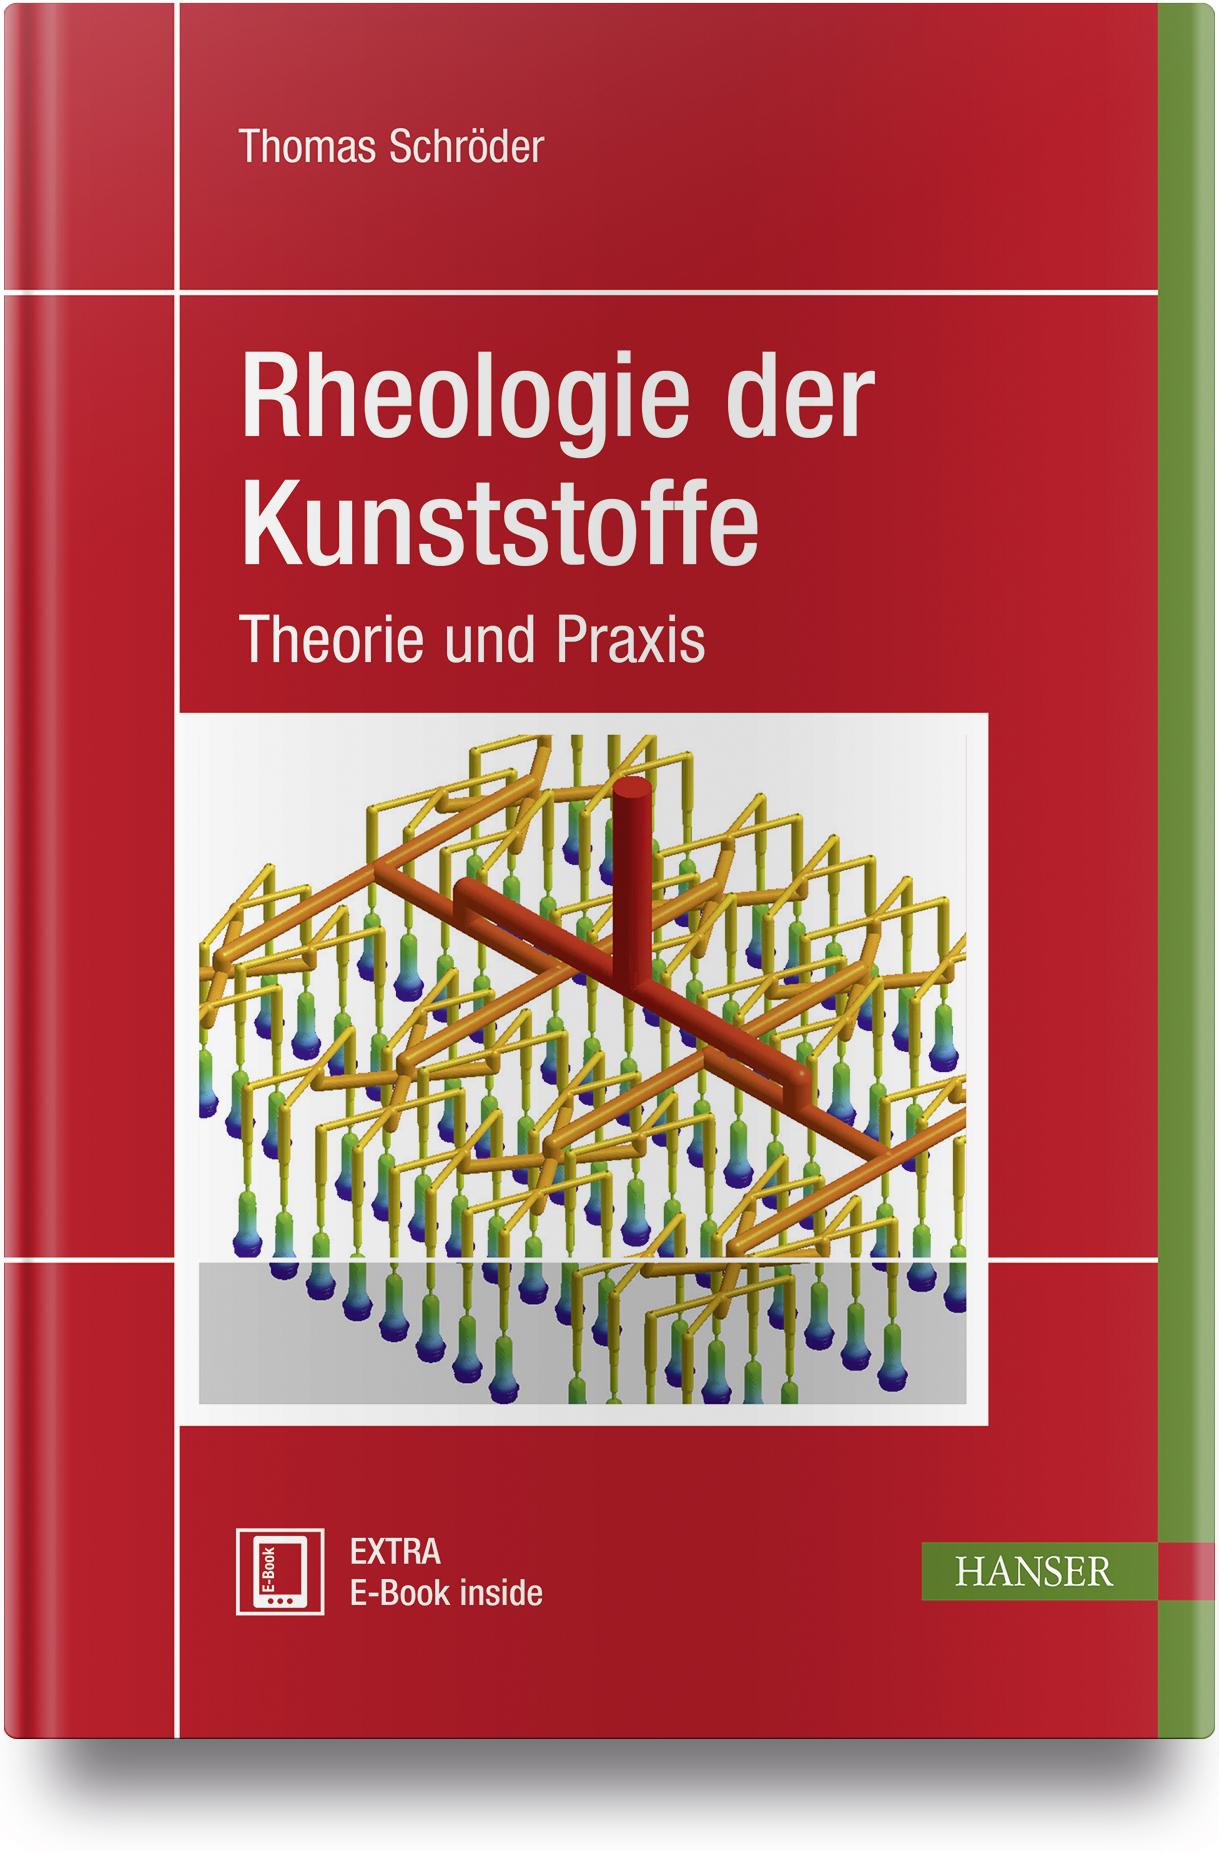 Schröder, Rheologie der Kunststoffe, 978-3-446-45405-7